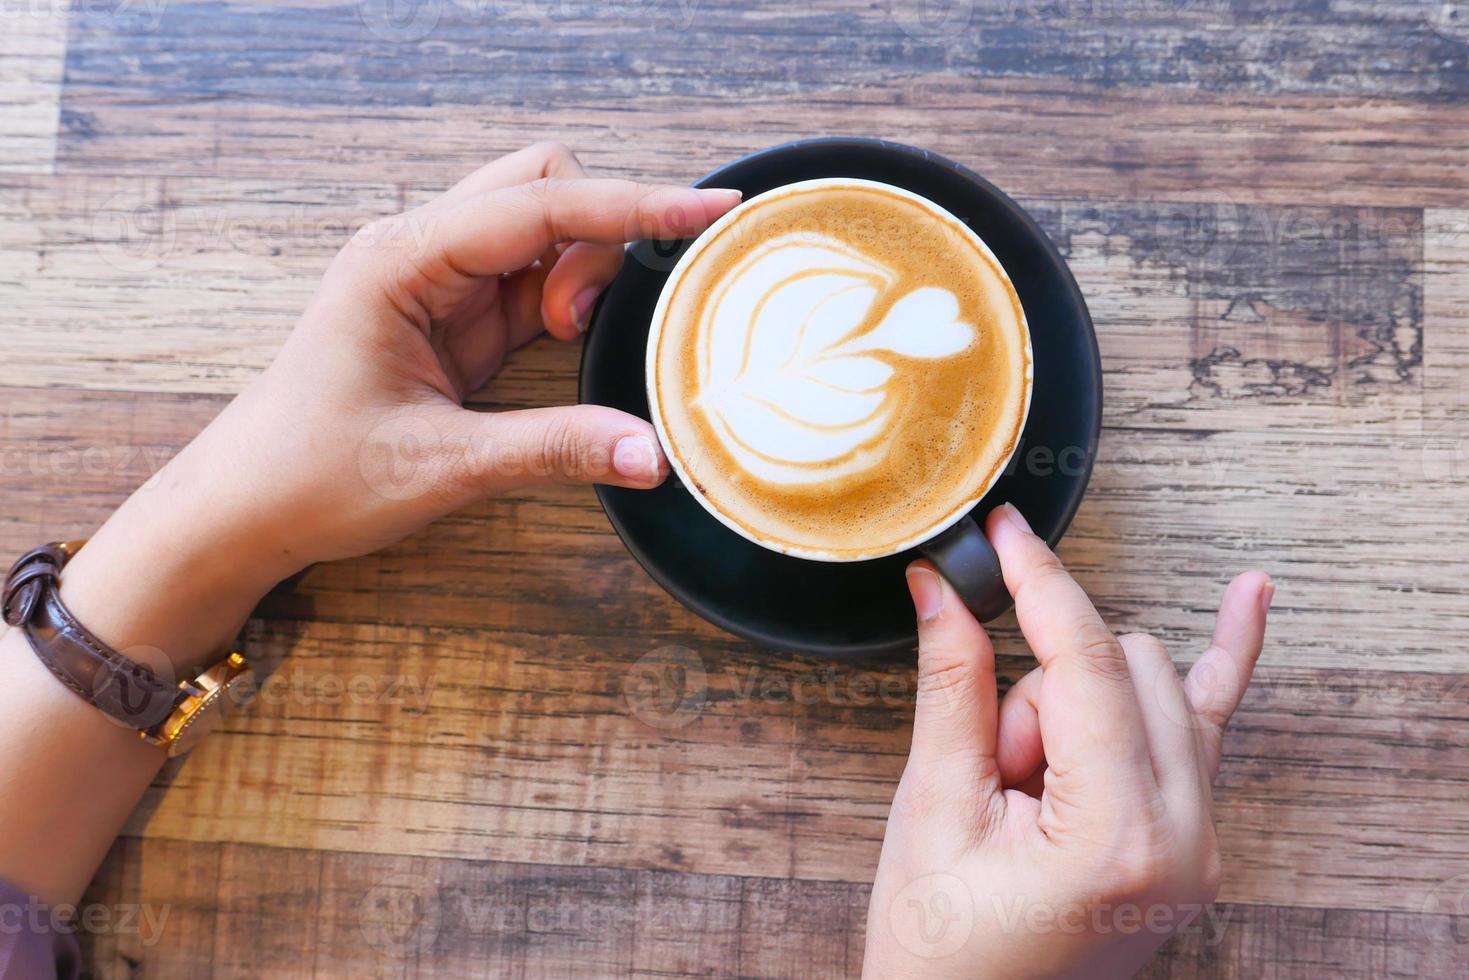 vrouw handen rond een latte foto